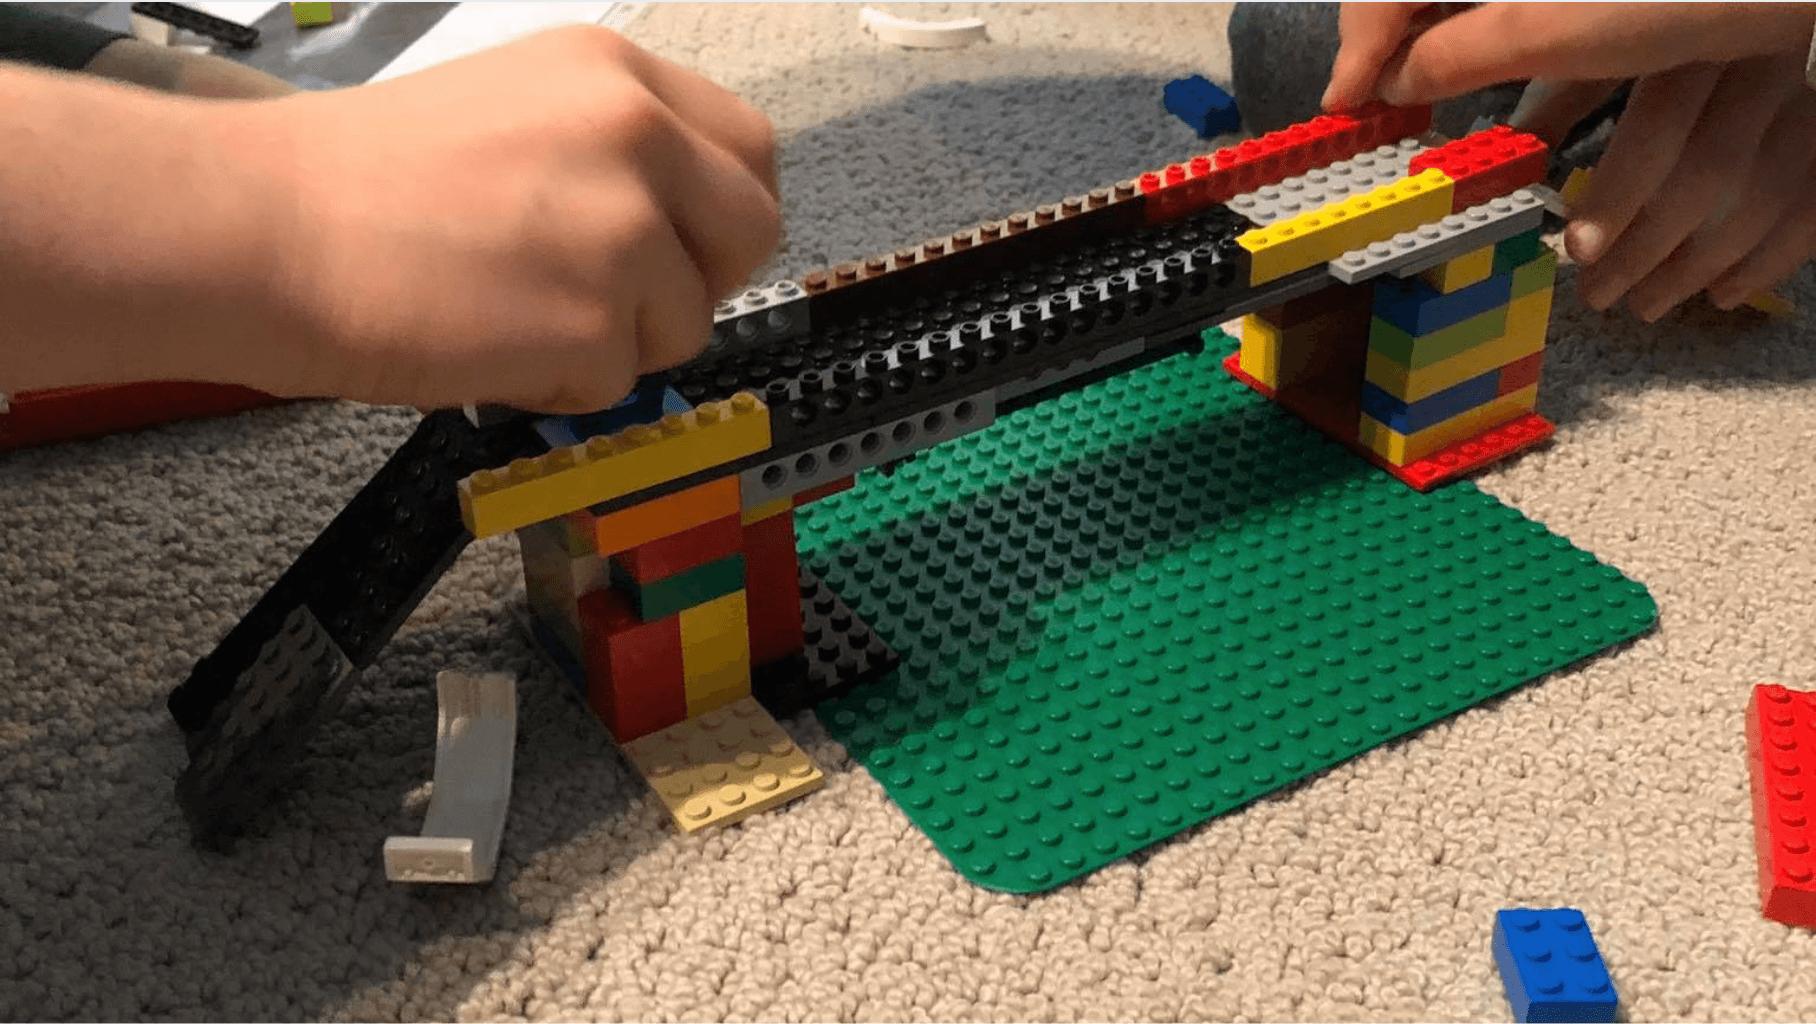 Bridge Building Kits For Kids Top 7 Best List Gadgets Review Guide